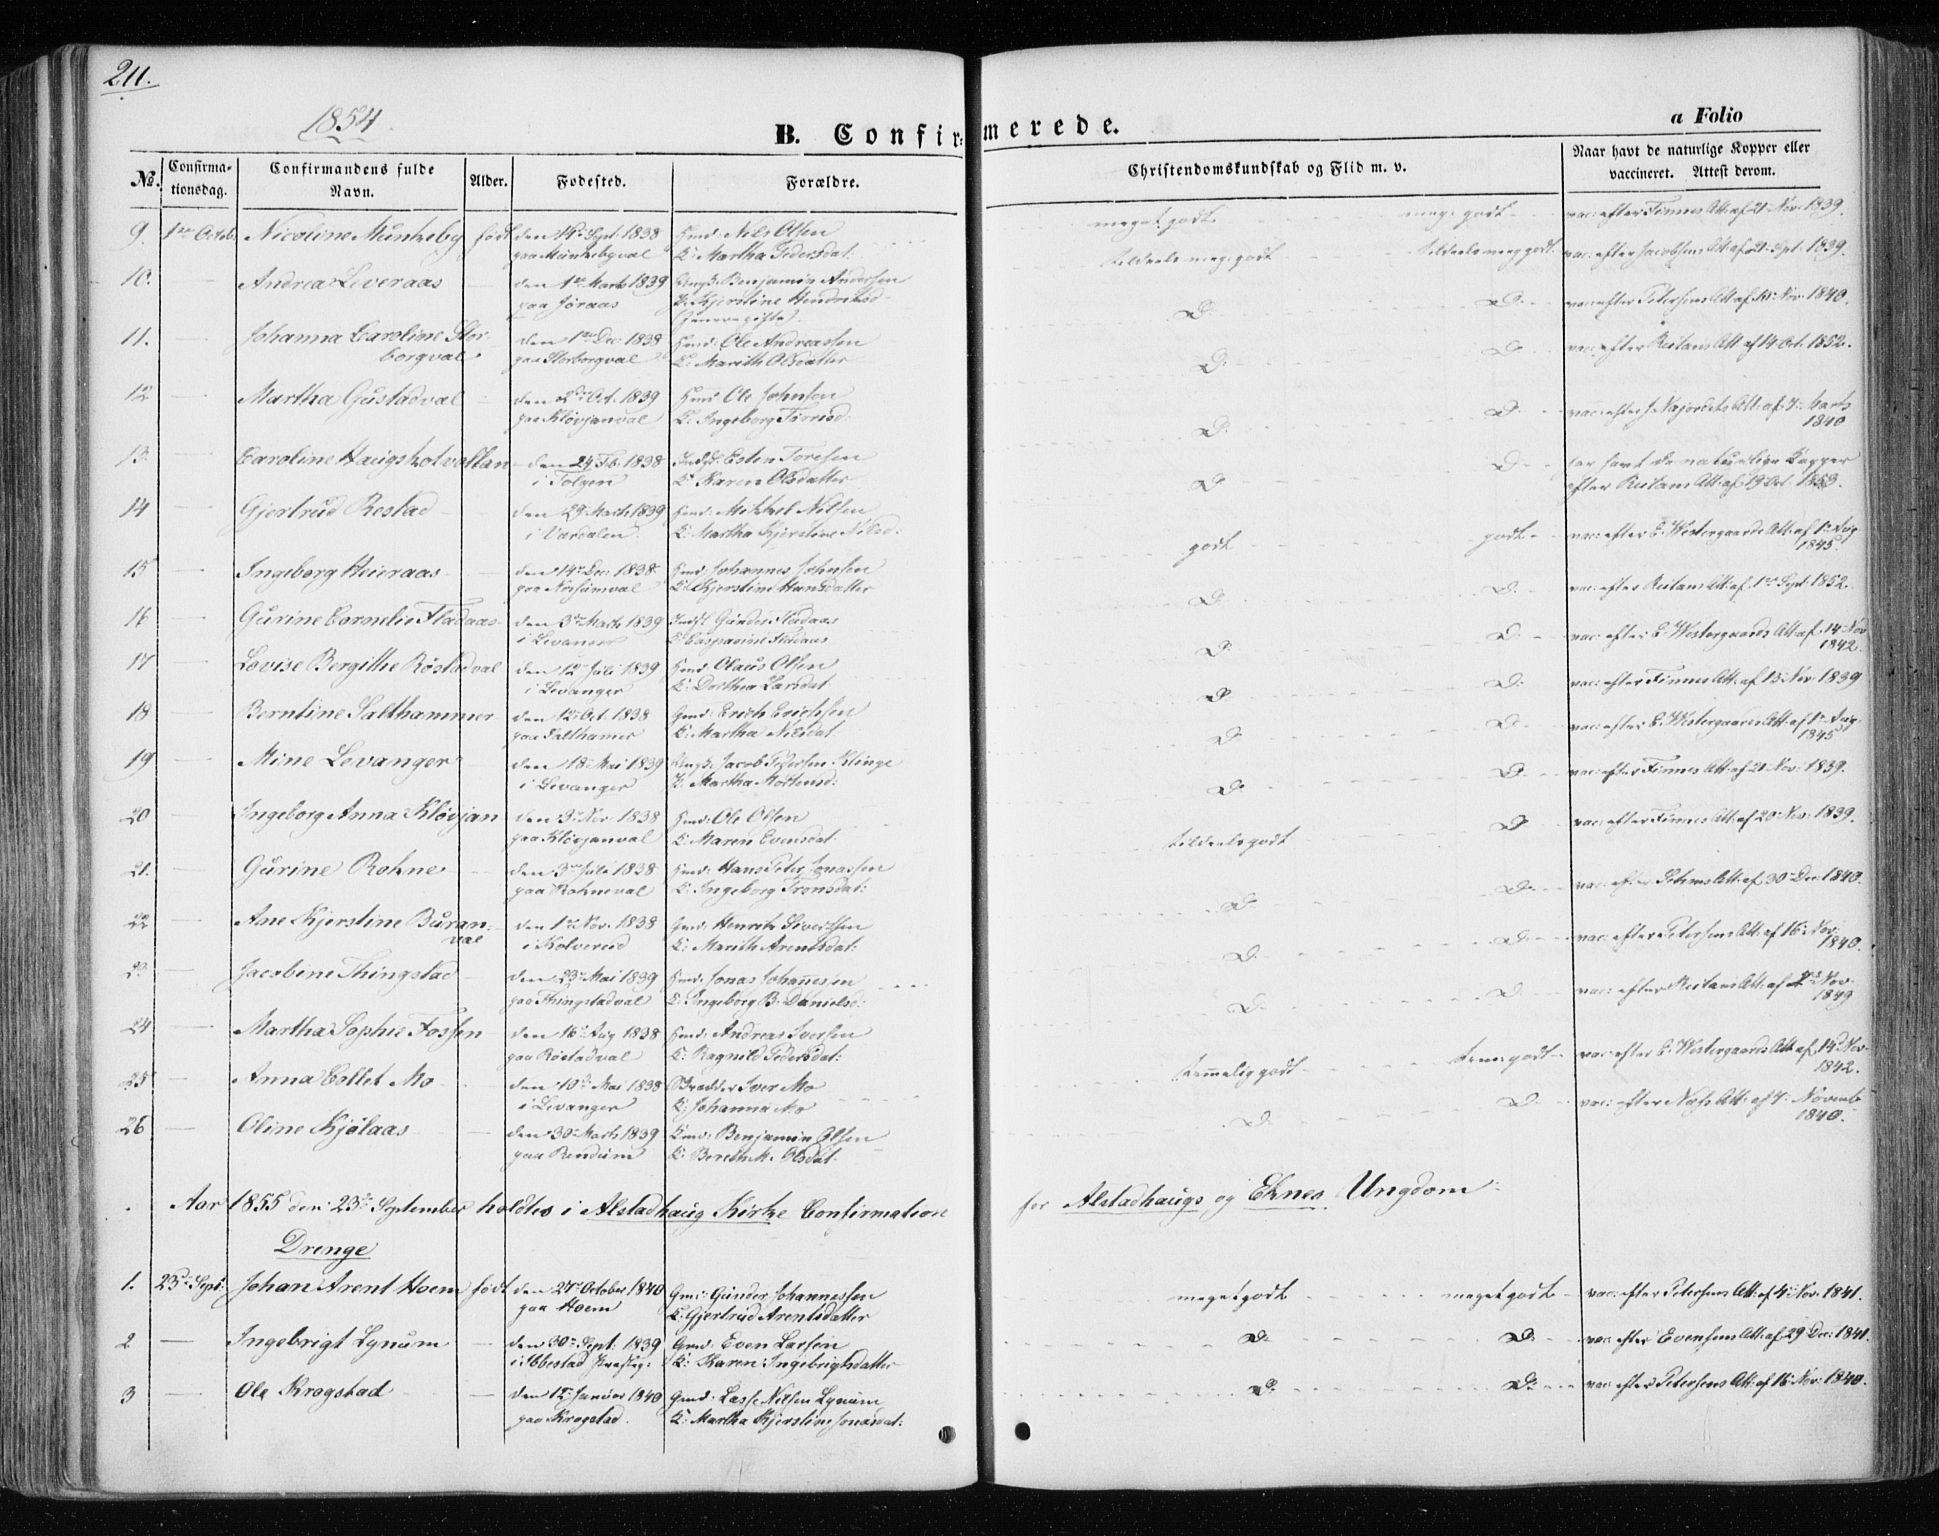 SAT, Ministerialprotokoller, klokkerbøker og fødselsregistre - Nord-Trøndelag, 717/L0154: Ministerialbok nr. 717A07 /1, 1850-1862, s. 211